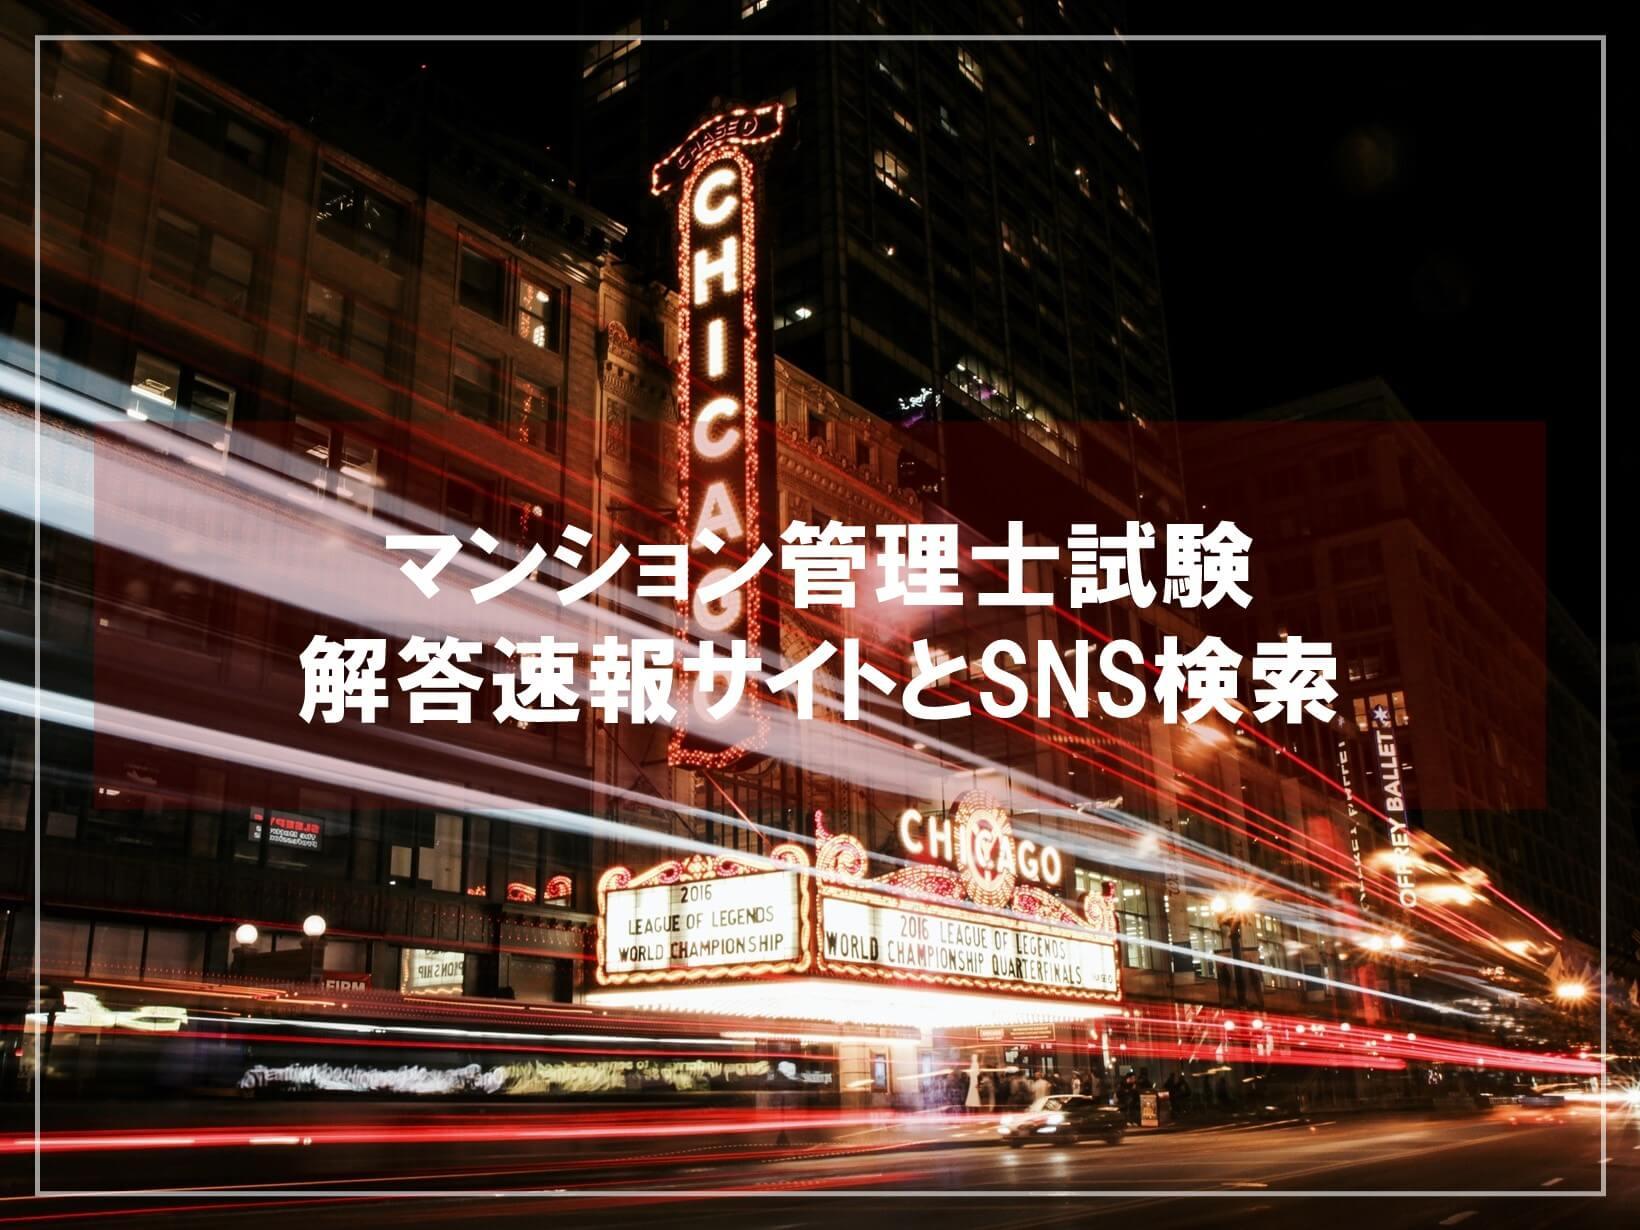 マンション管理士試験 解答速報サイトとSNS検索